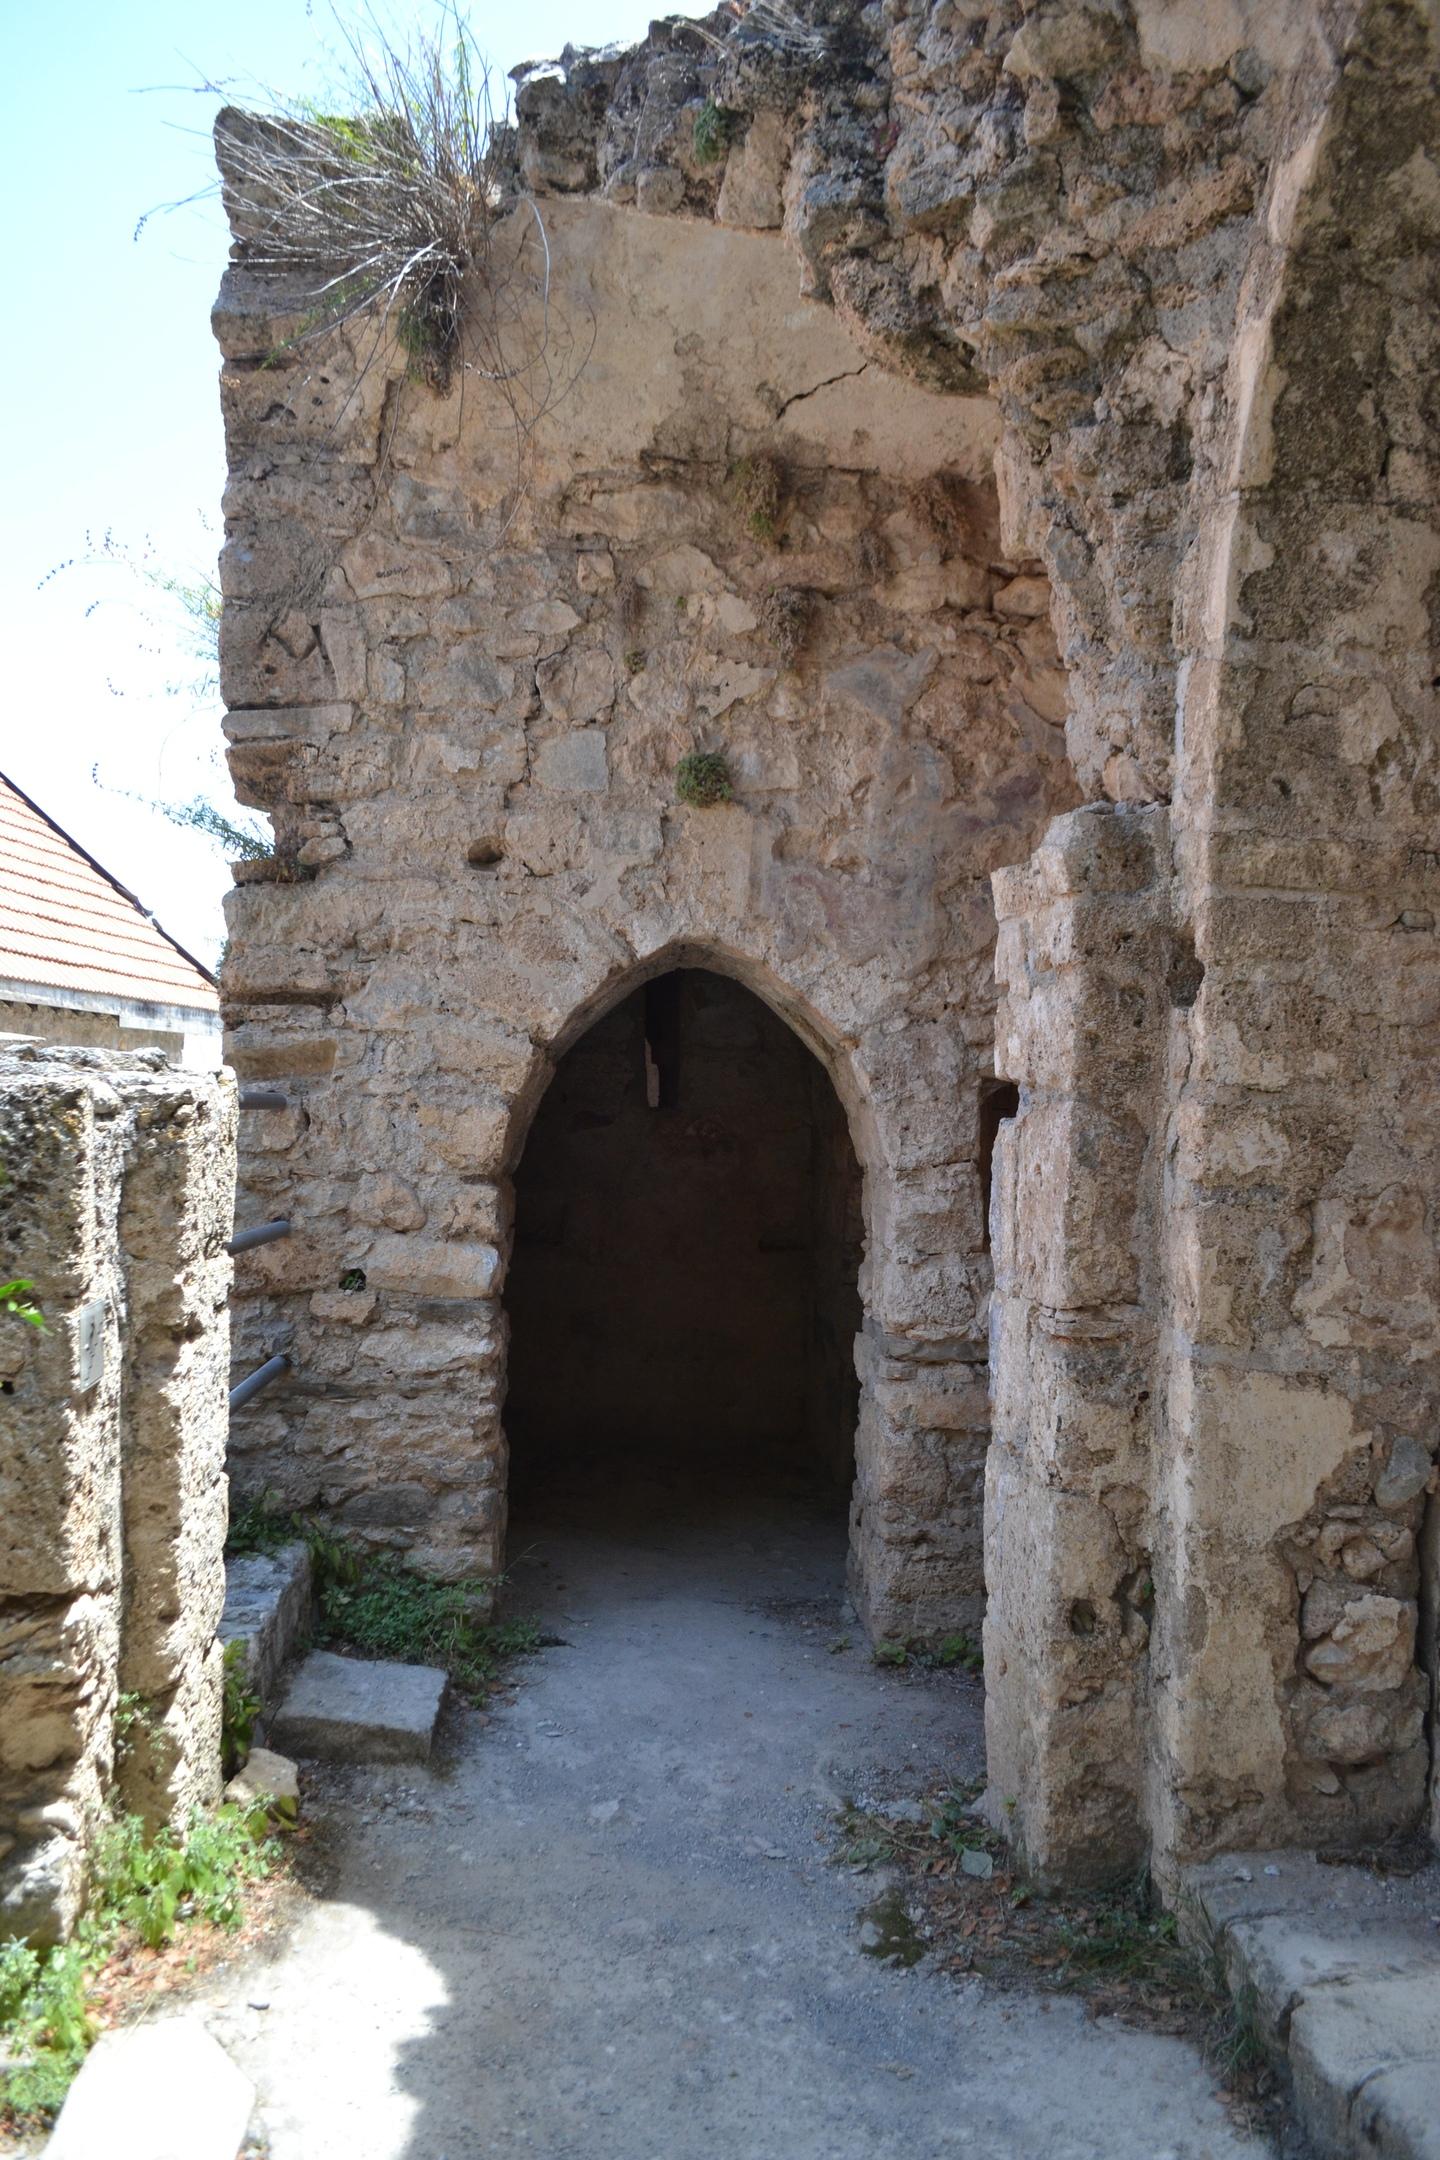 Северный Кипр. Замок Святого Иллариона. (фото). - Страница 2 73HFJM4gC4E